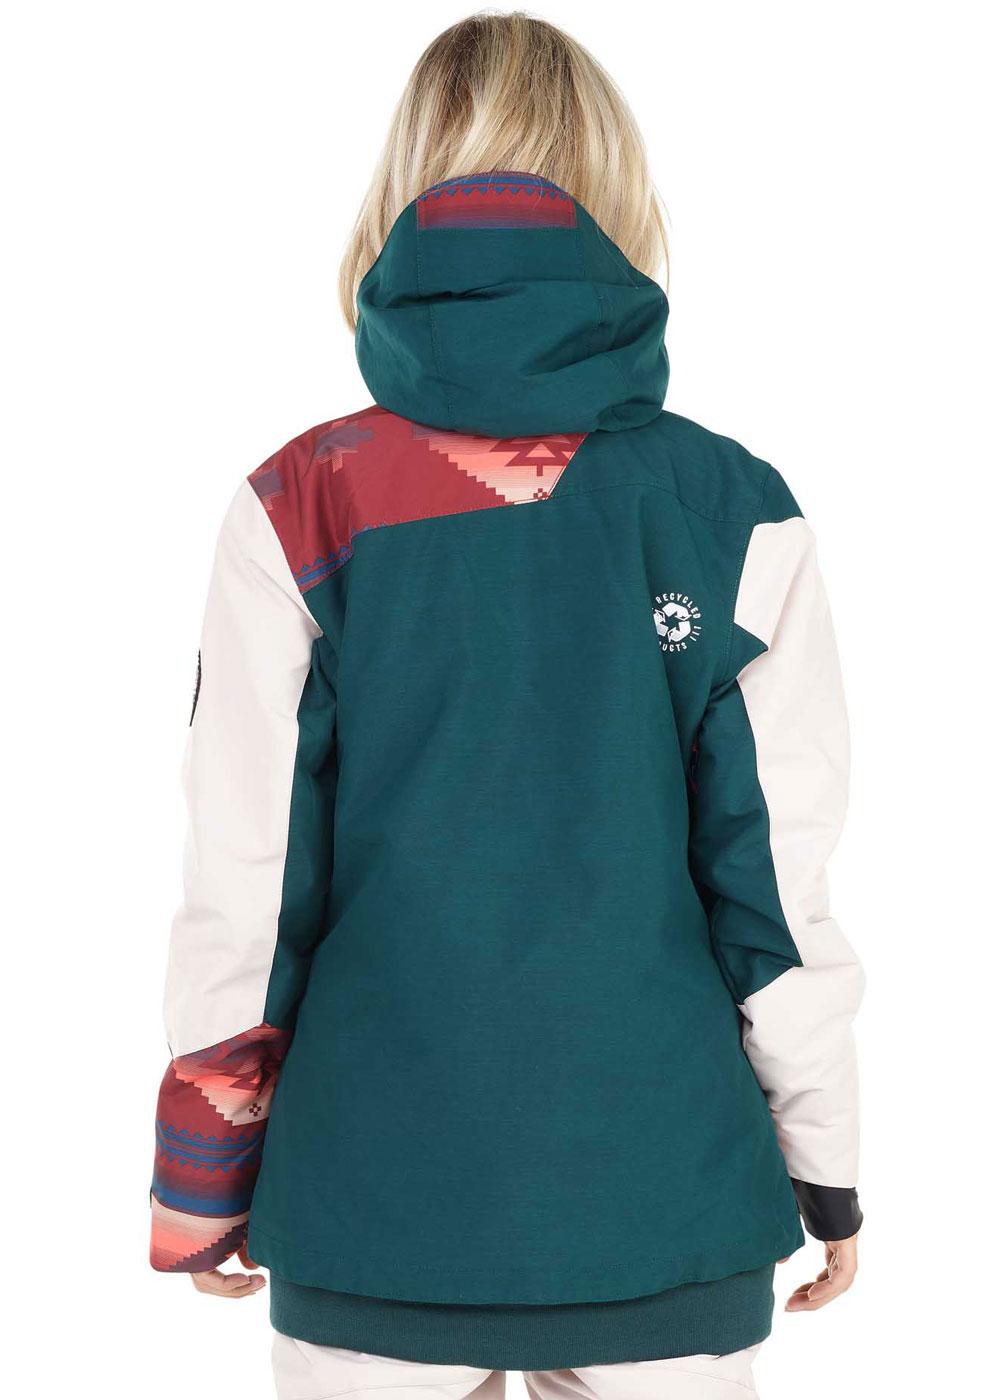 Picture Weekend Jacket WVT127 Damen Snowboardjacke Emerald